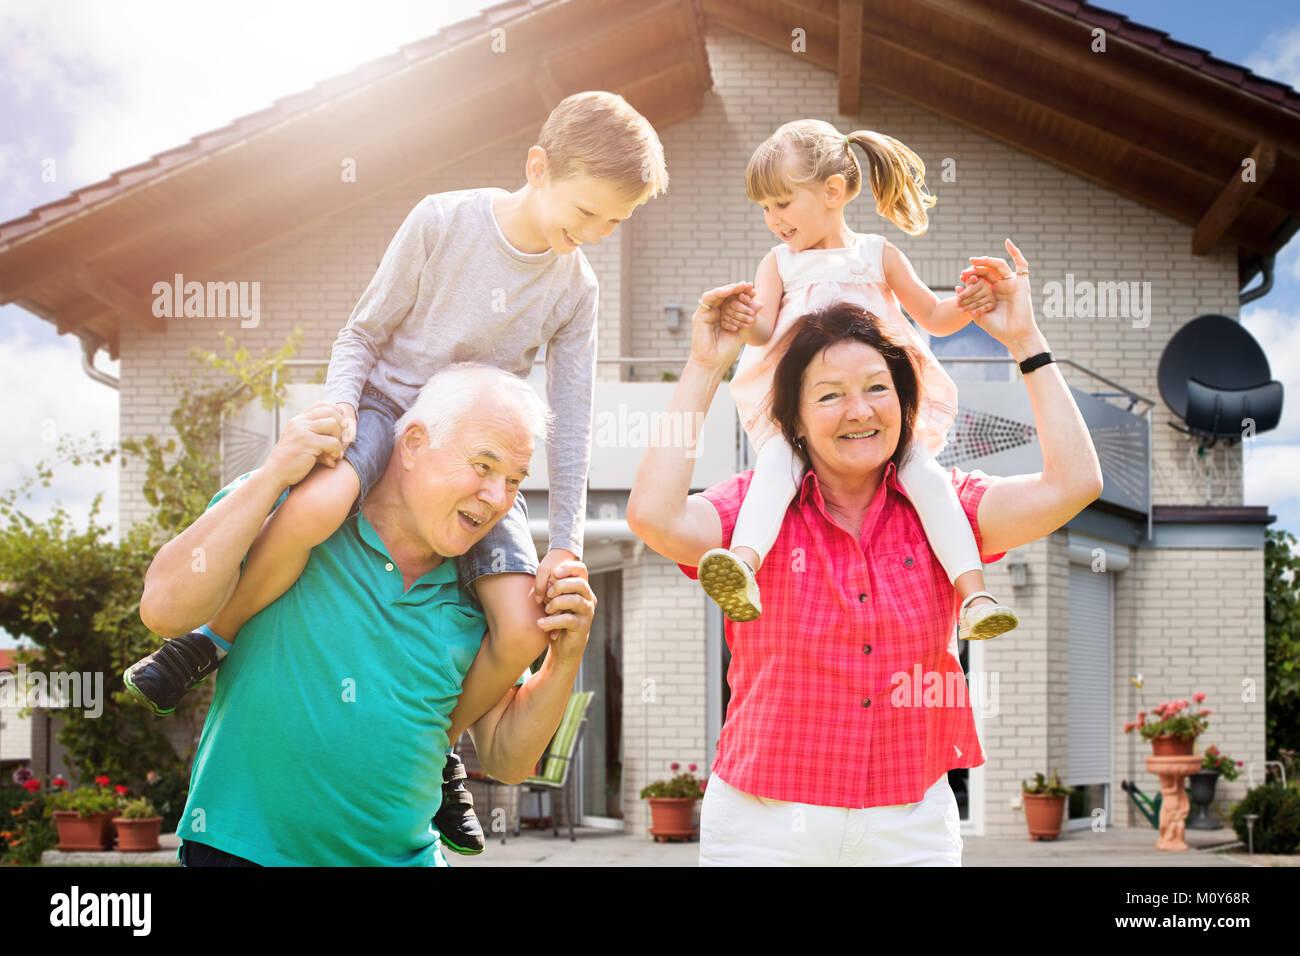 Smiling petits-enfants est assise sur l'épaule de grand-parent bénéficiant à l'extérieur Photo Stock